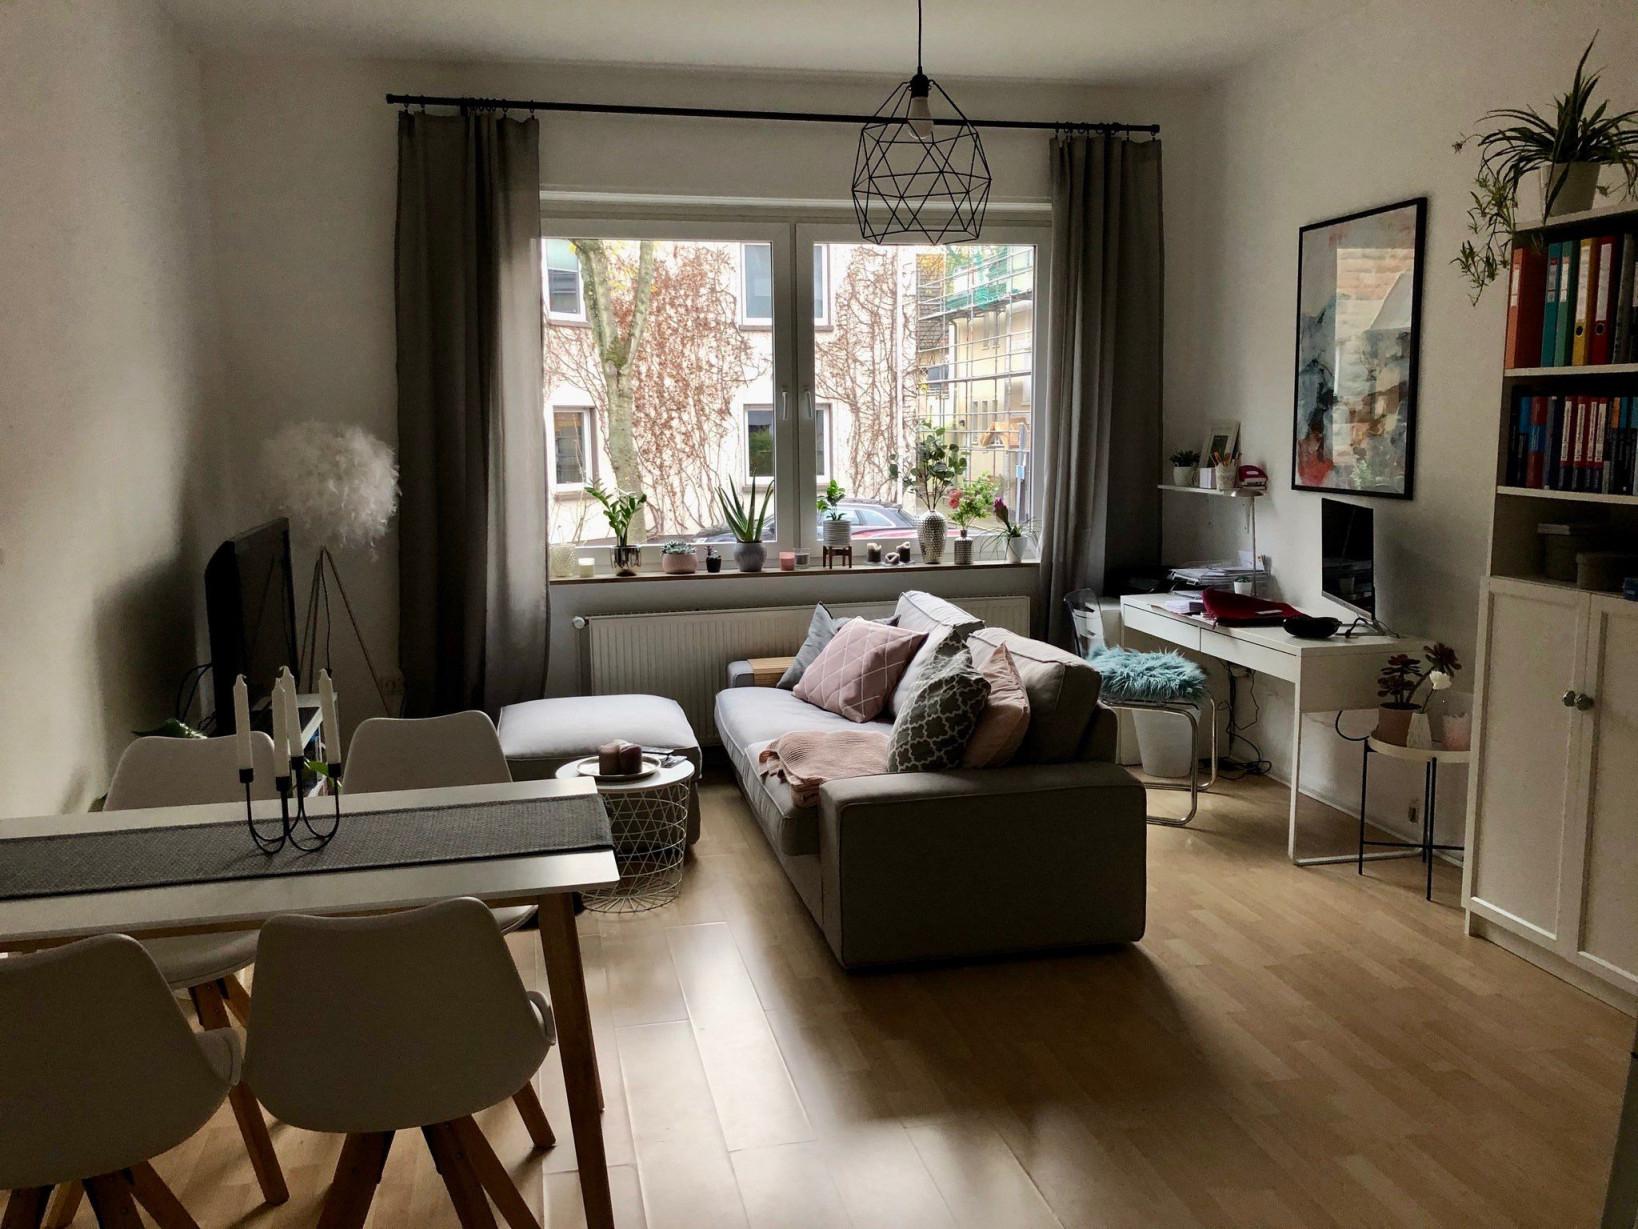 Schönes Wohn Und Esszimmer  Wohnung Innenarchitektur von Wohnzimmer Mit Essecke Einrichten Bild